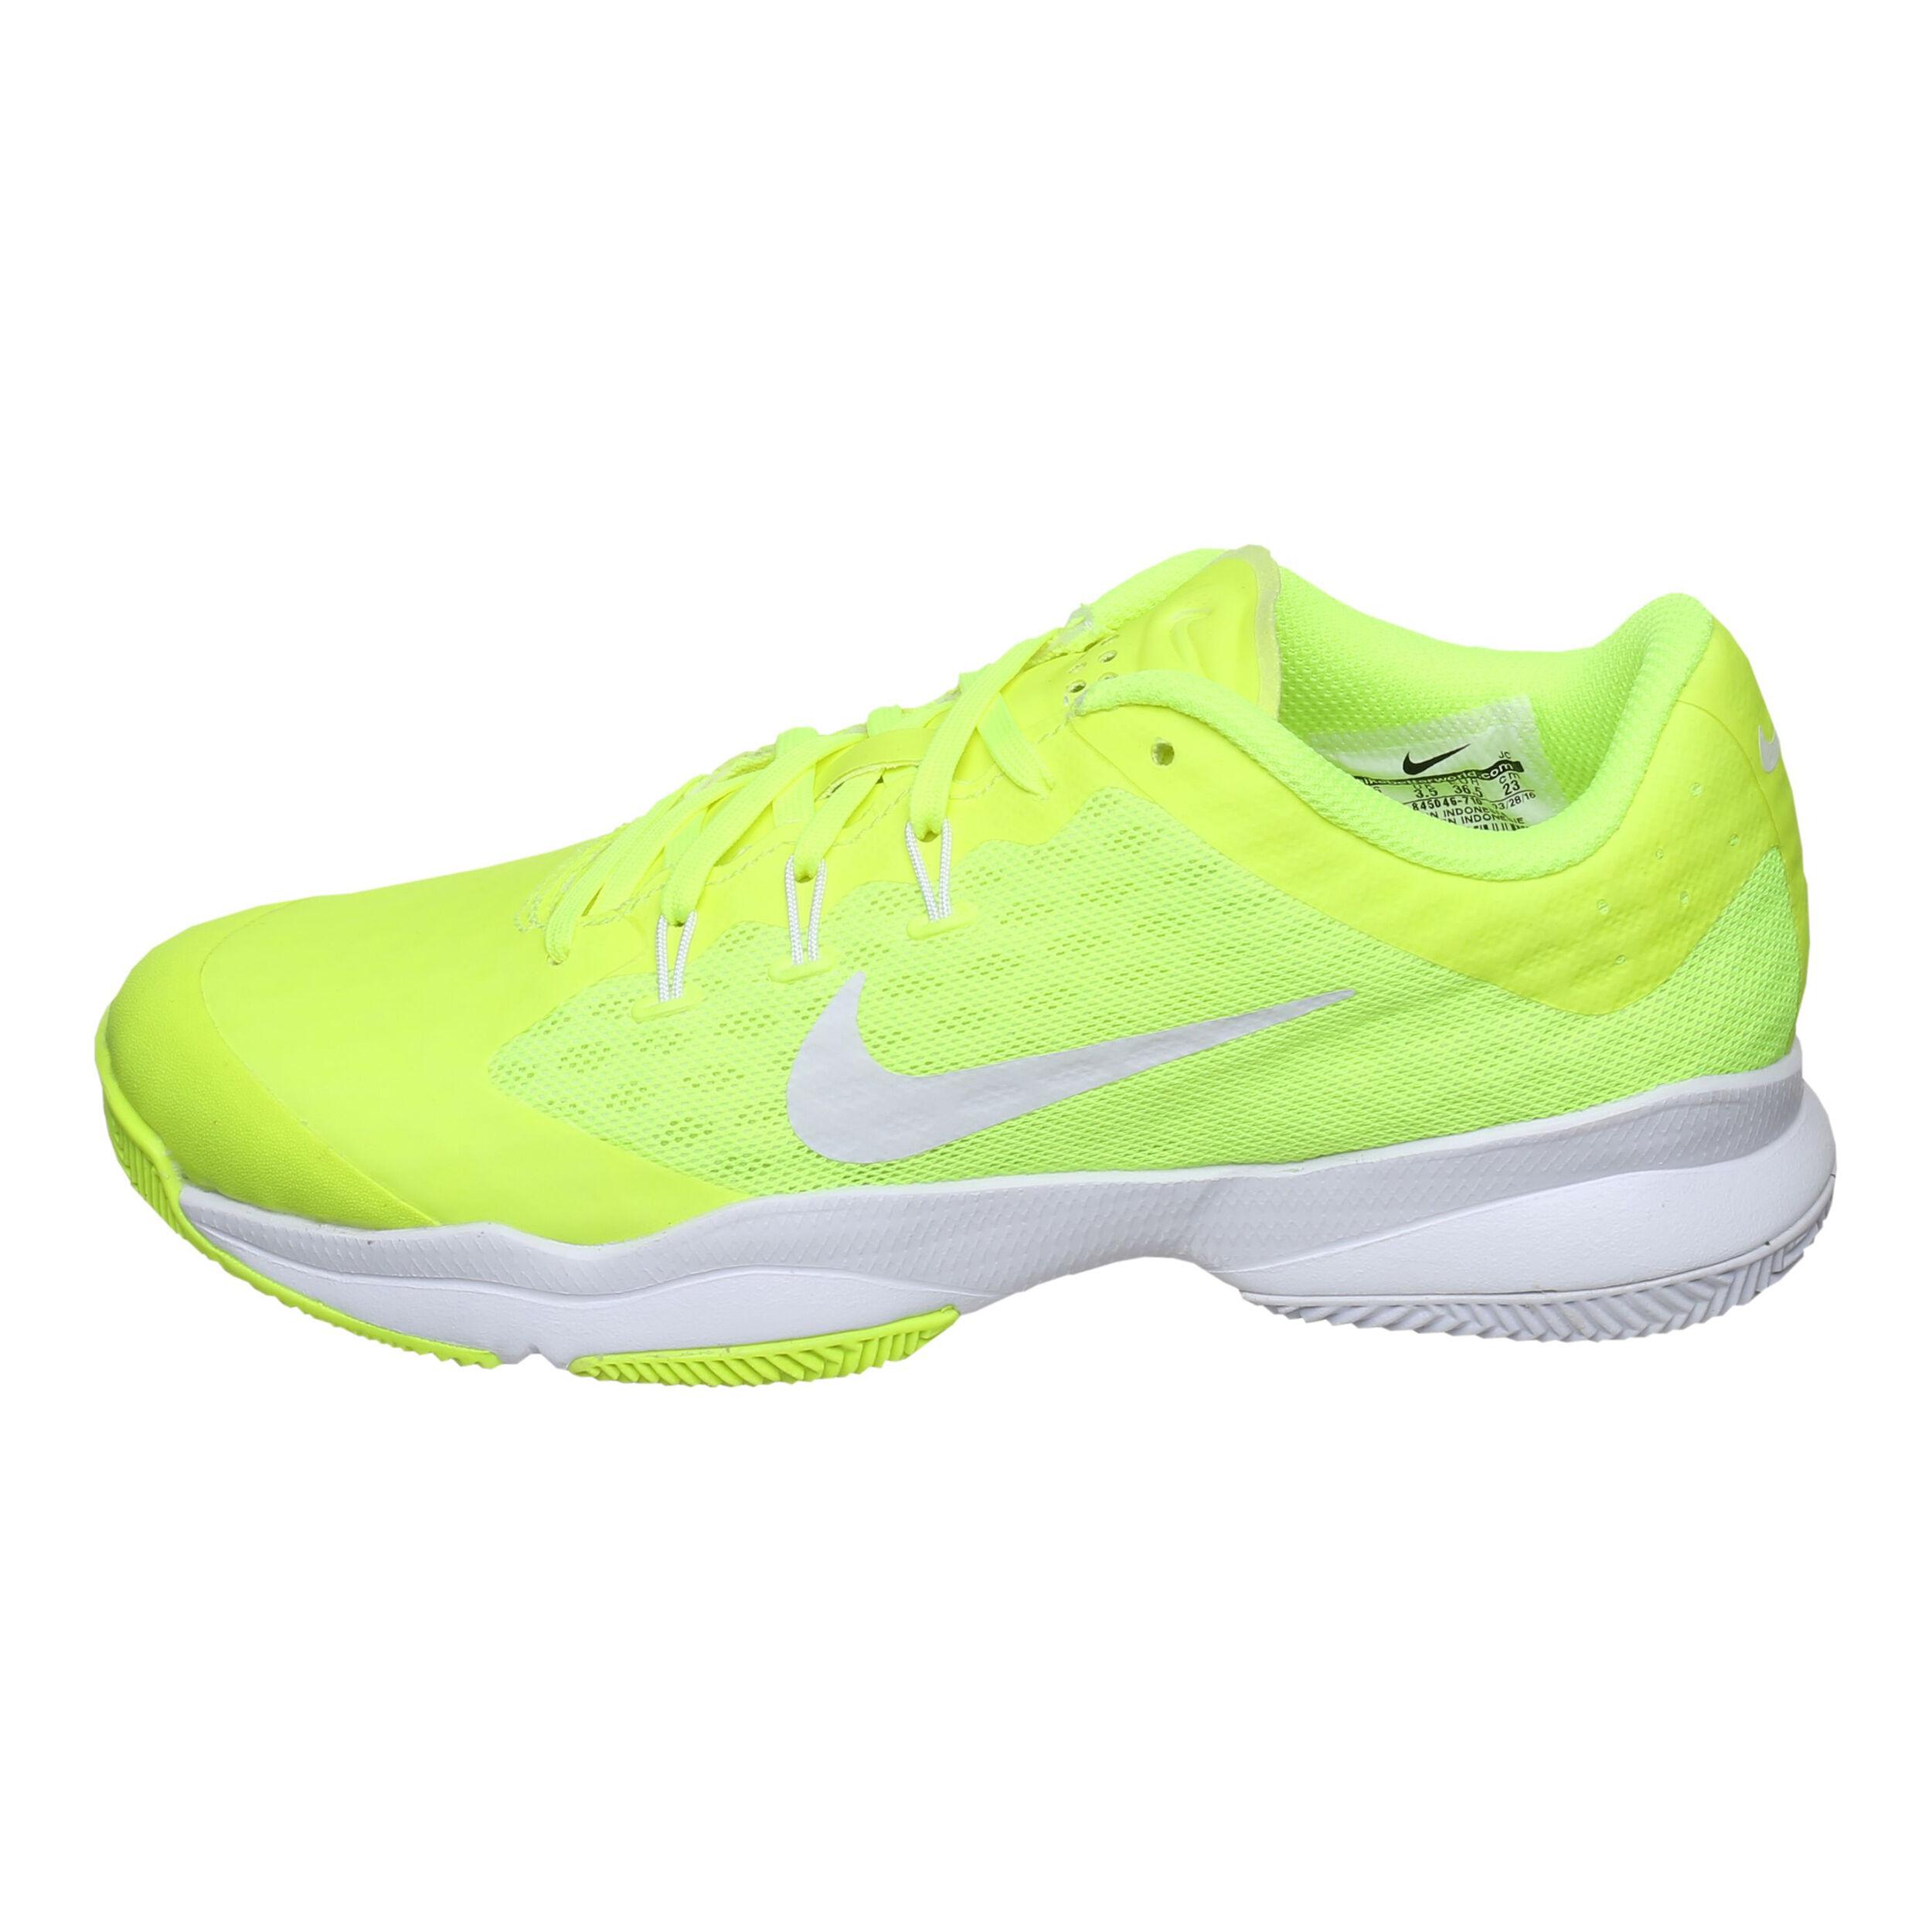 Nike Air Zoom Ultra Chaussure Tout Terrain Femmes Jaunes